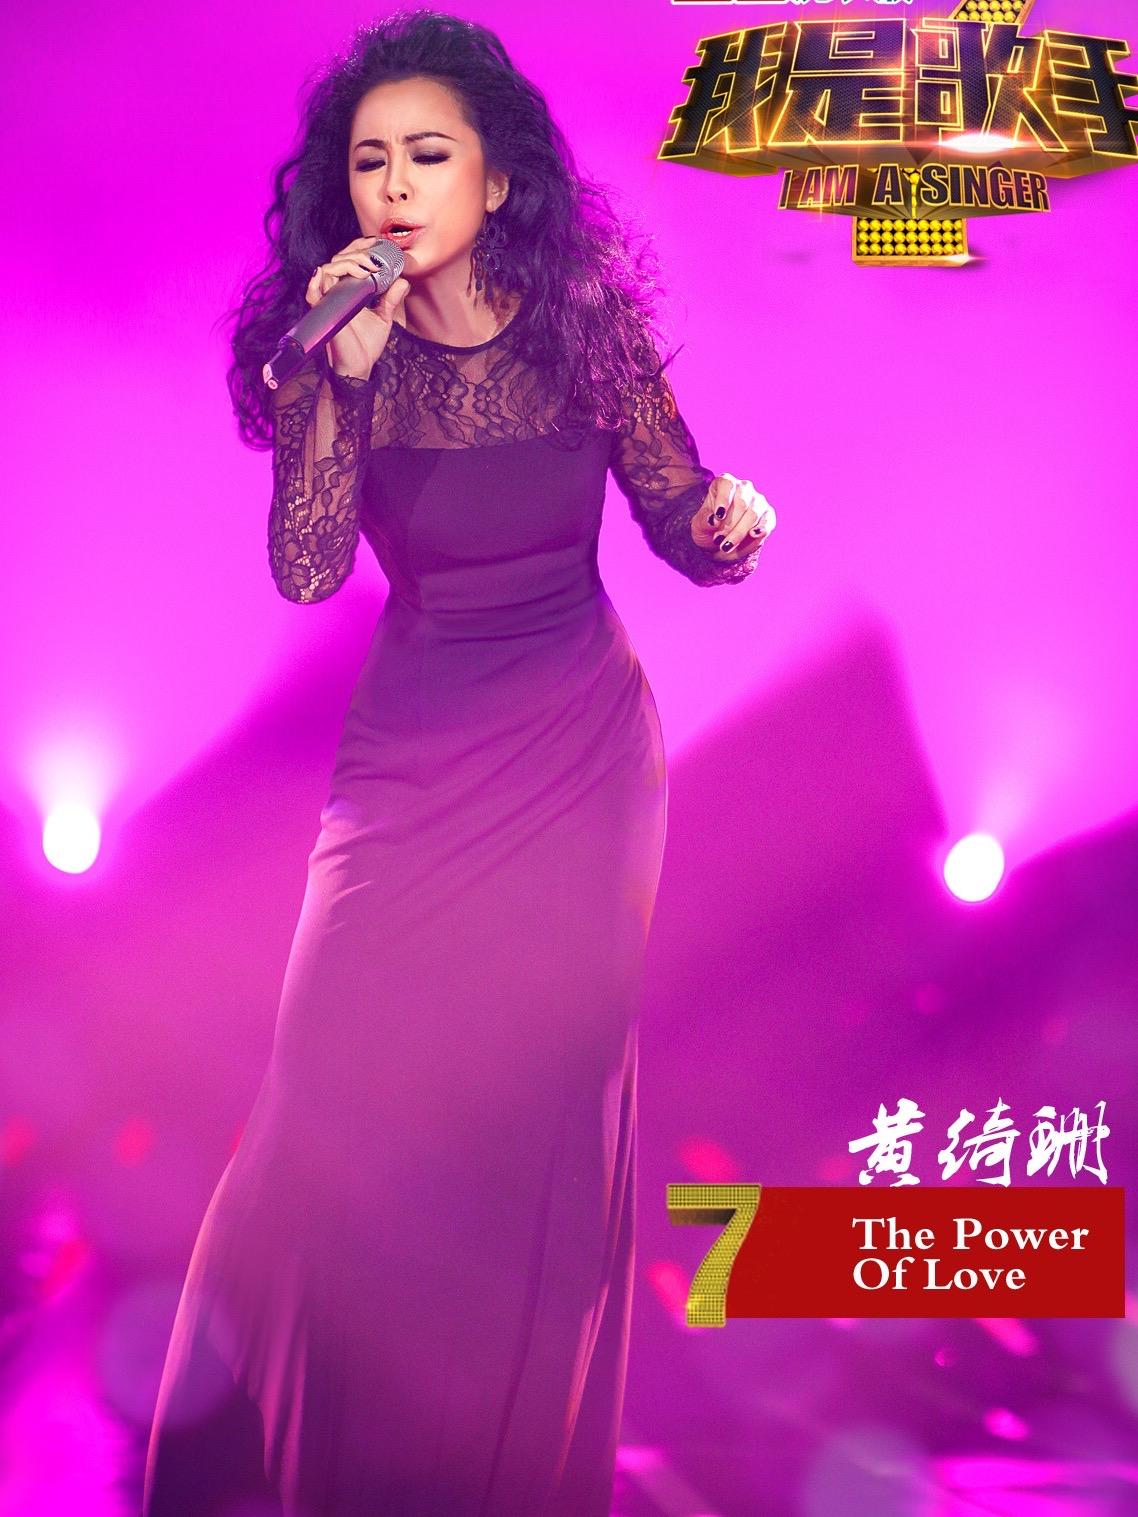 《歌手2021》拟邀名单,阿朵莫文蔚被认可,孟美岐被吐槽